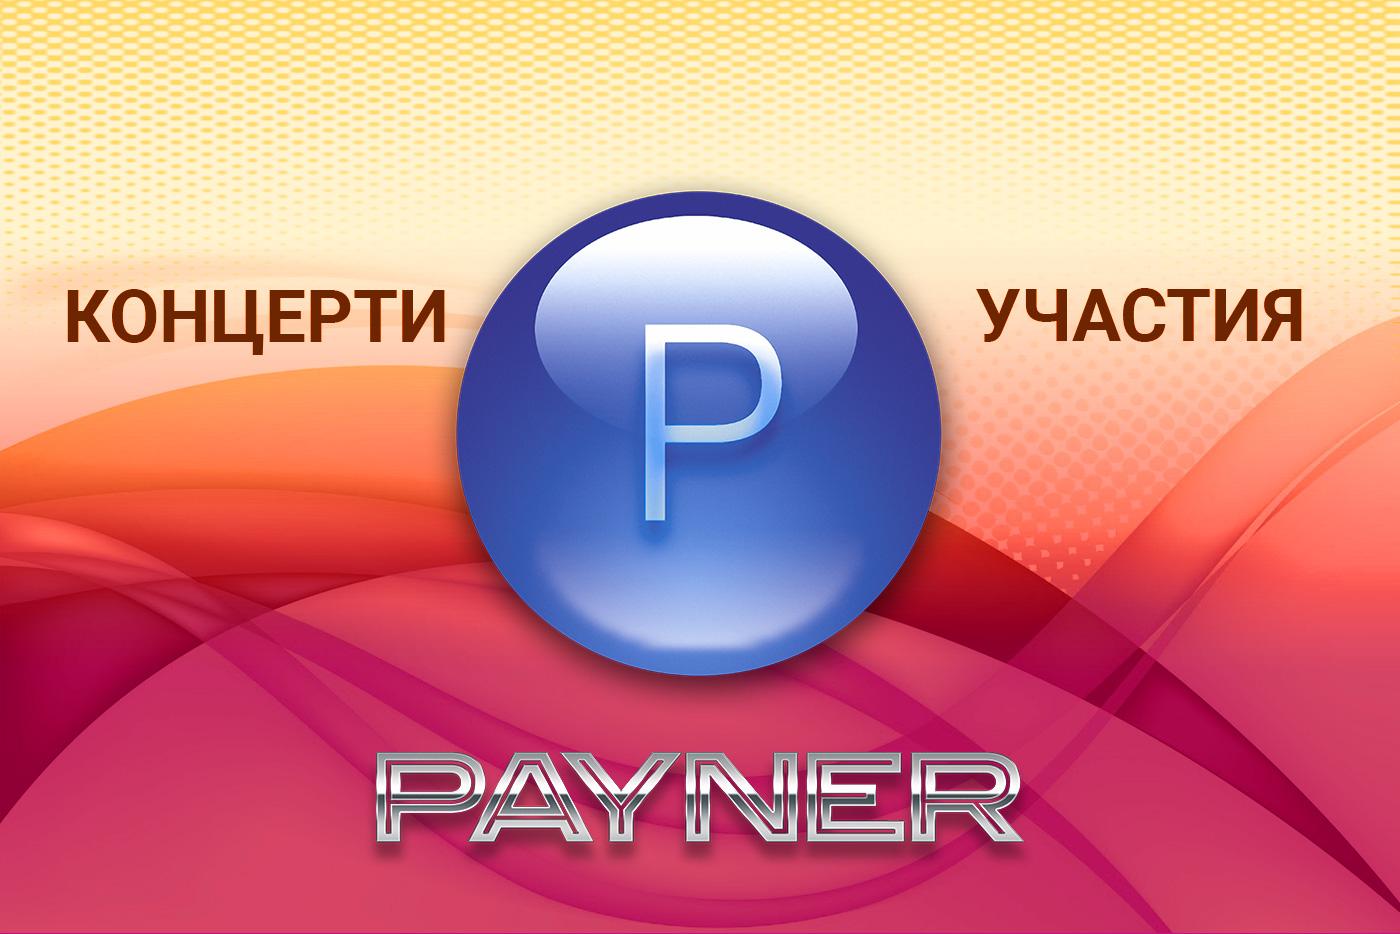 """Участия на звездите на """"Пайнер"""" на 17.08.2019"""